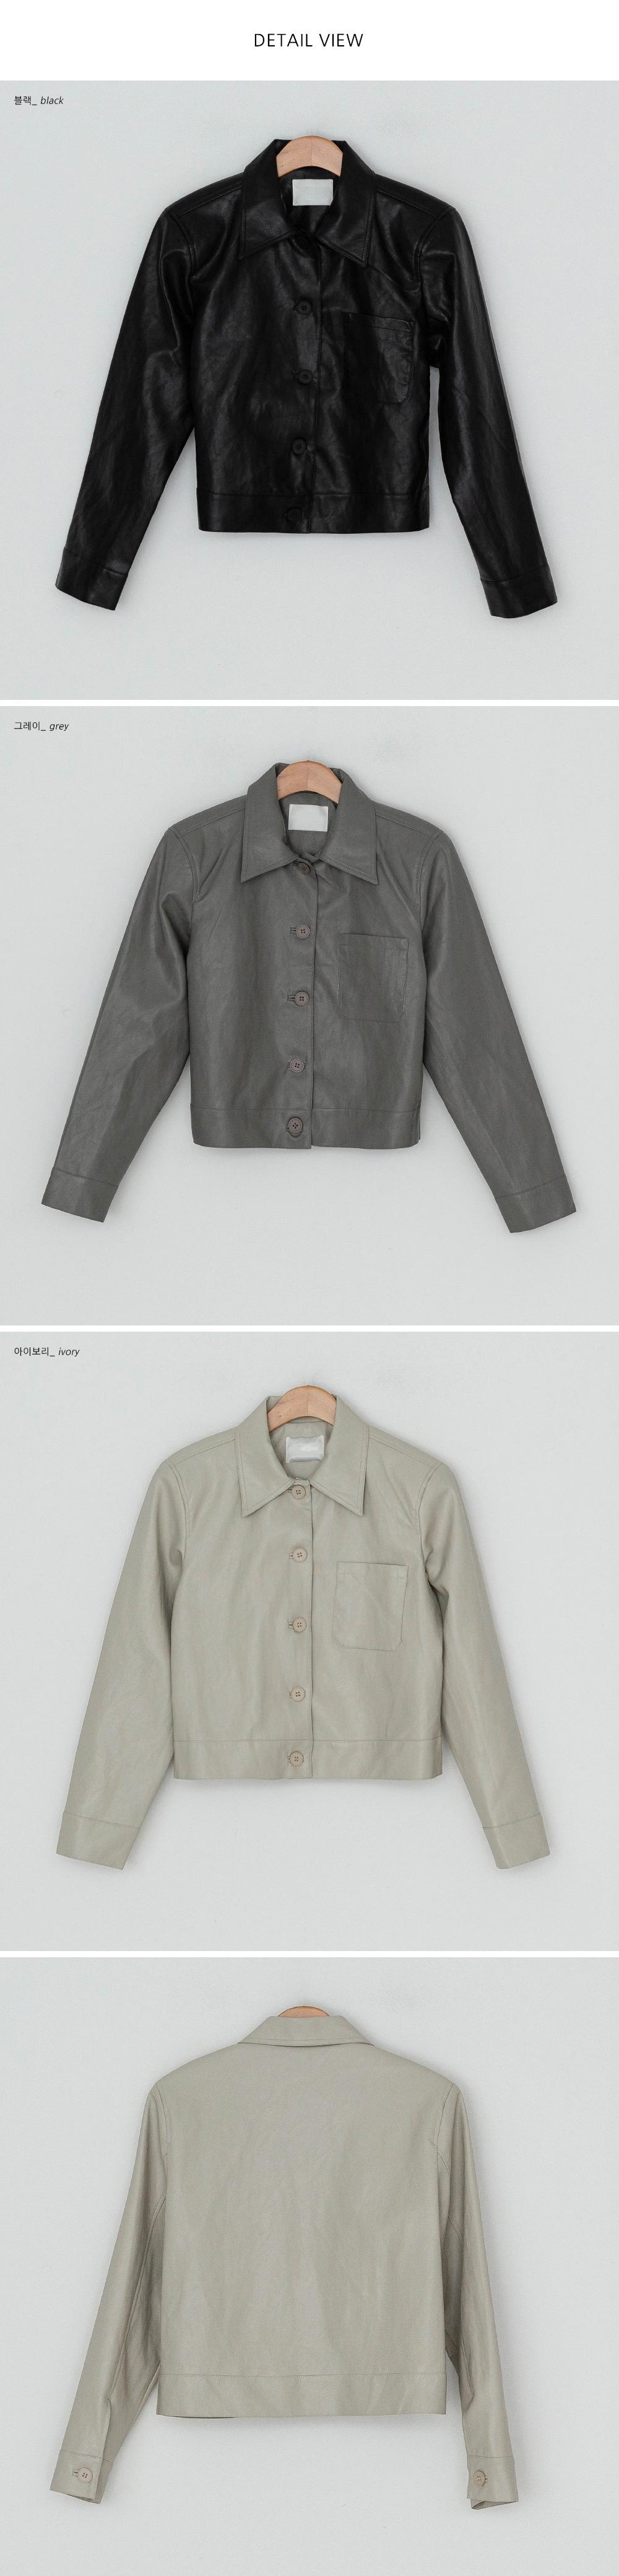 Basic Fit Soft Leather Jacket